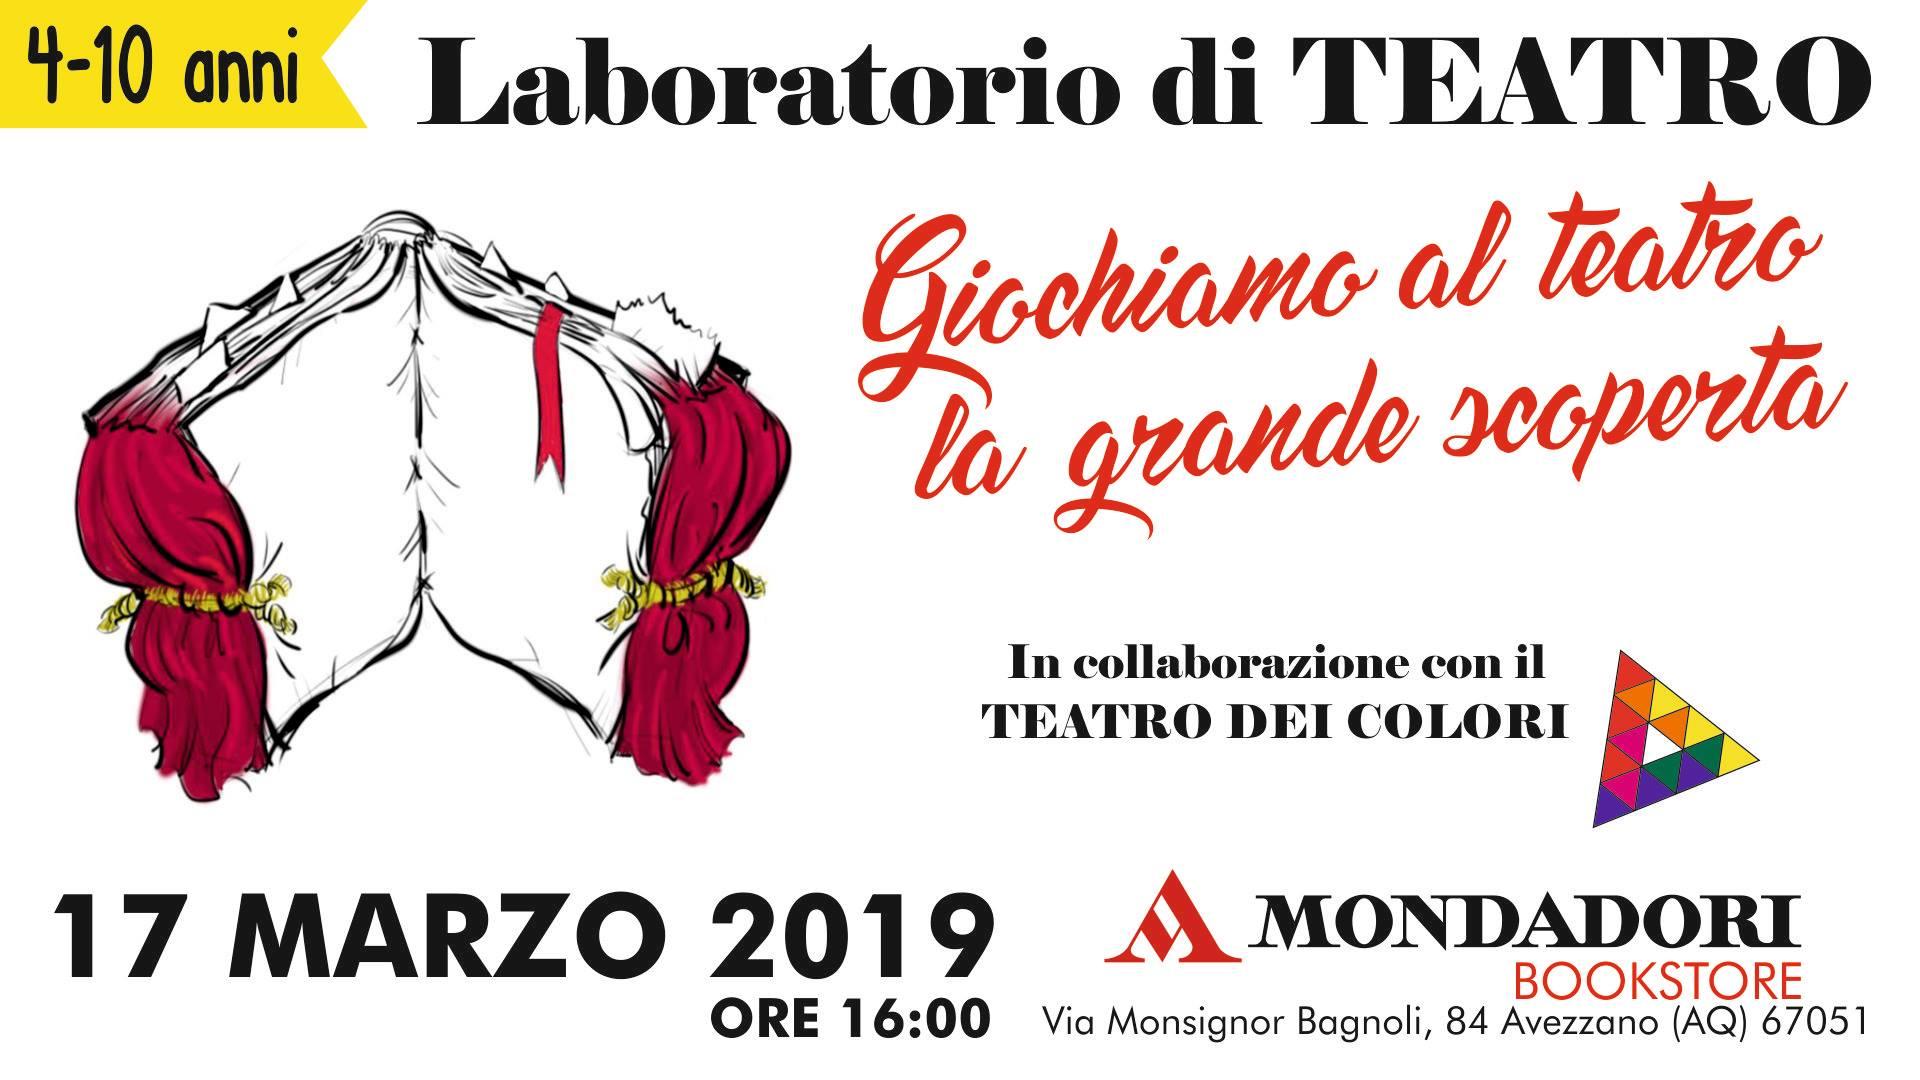 Laboratorio di Teatro alla Mondadori di Avezzano in collaborazione con il Teatro dei Colori